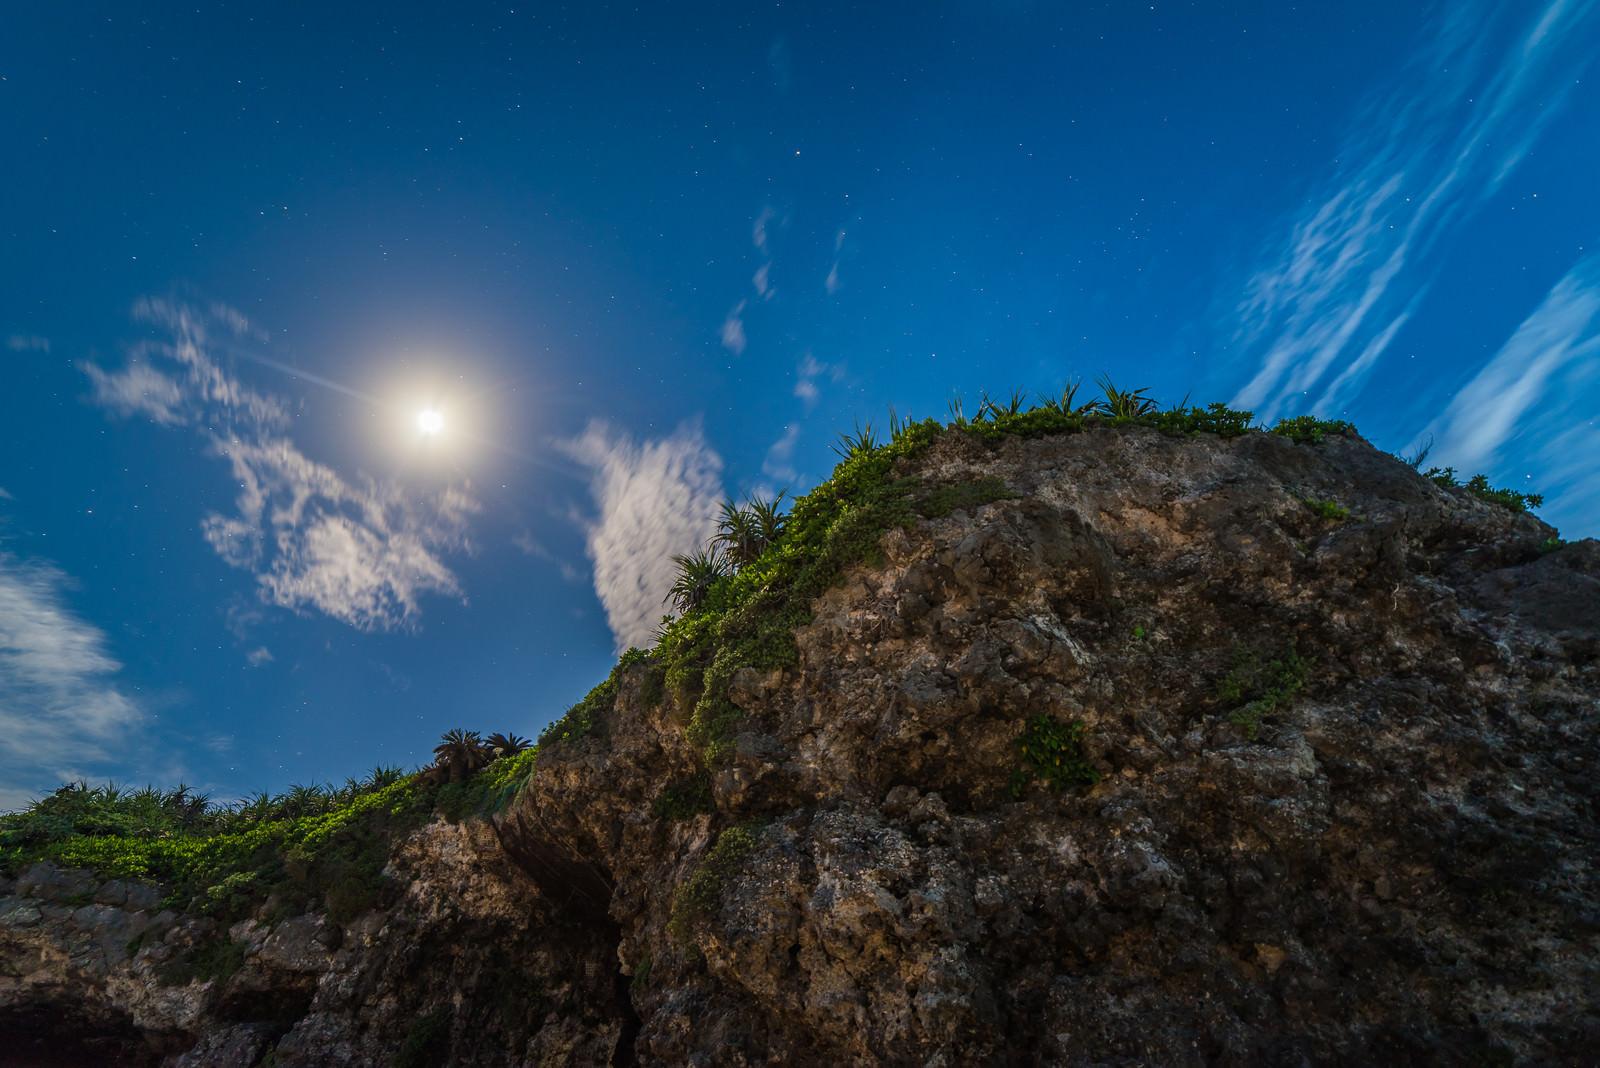 「砂山ビーチの岩と月 | 写真の無料素材・フリー素材 - ぱくたそ」の写真